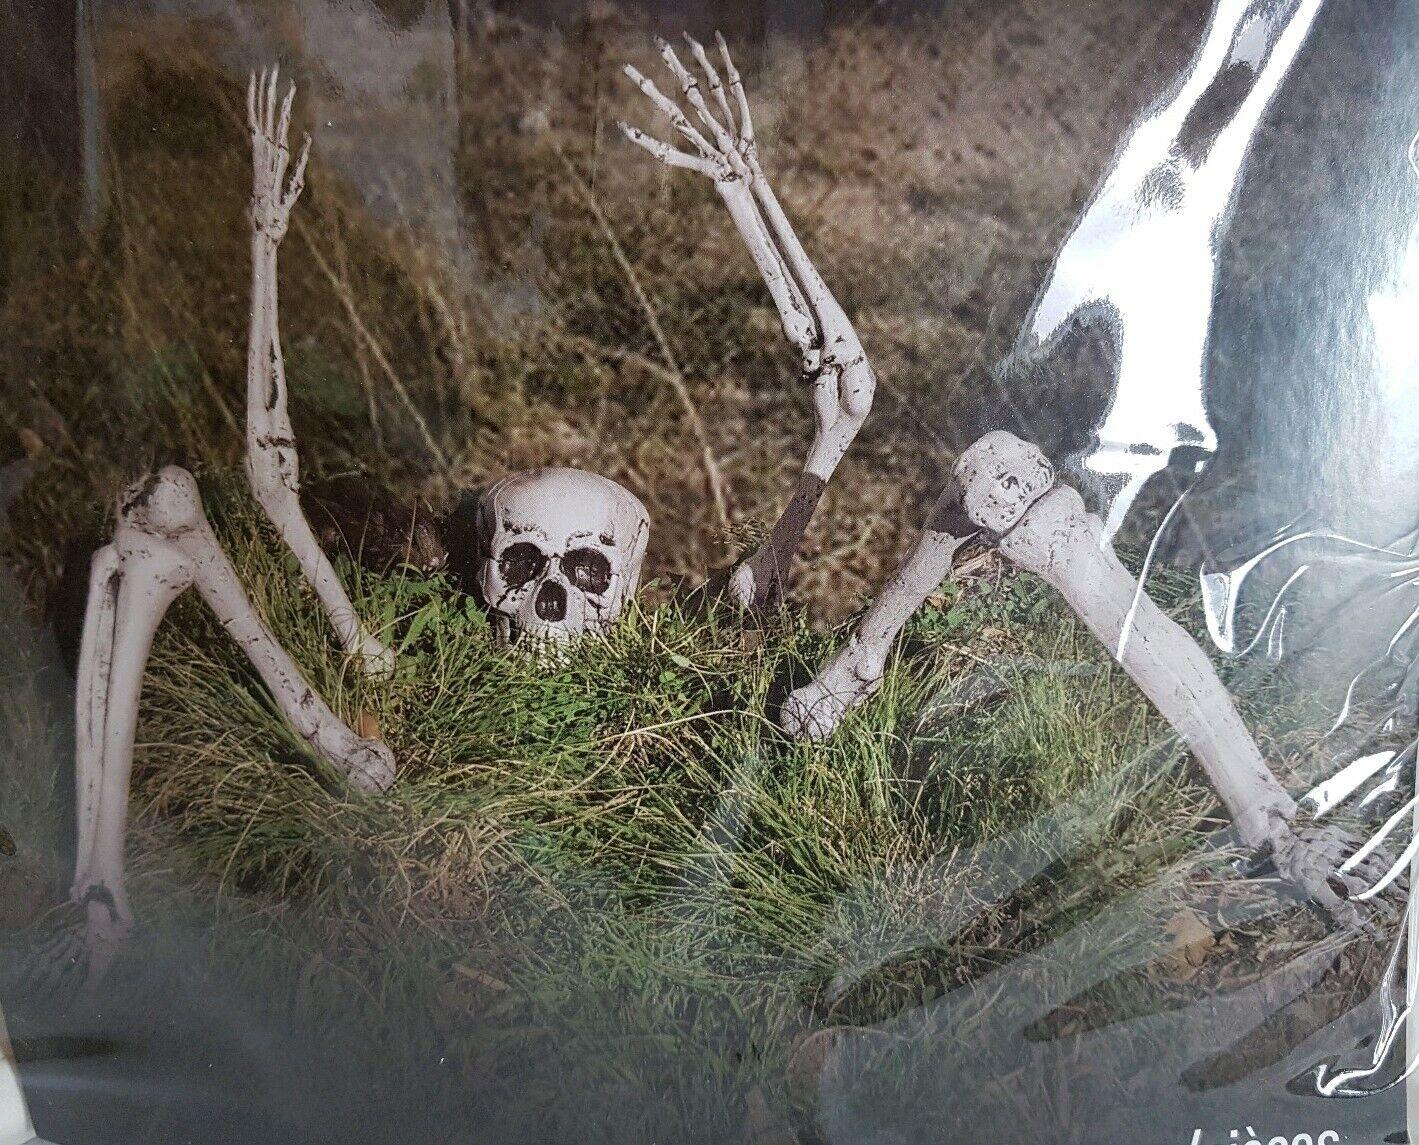 Halloween Tombstone Props Graveyard Spooky Skeleton Outdoor Decorations